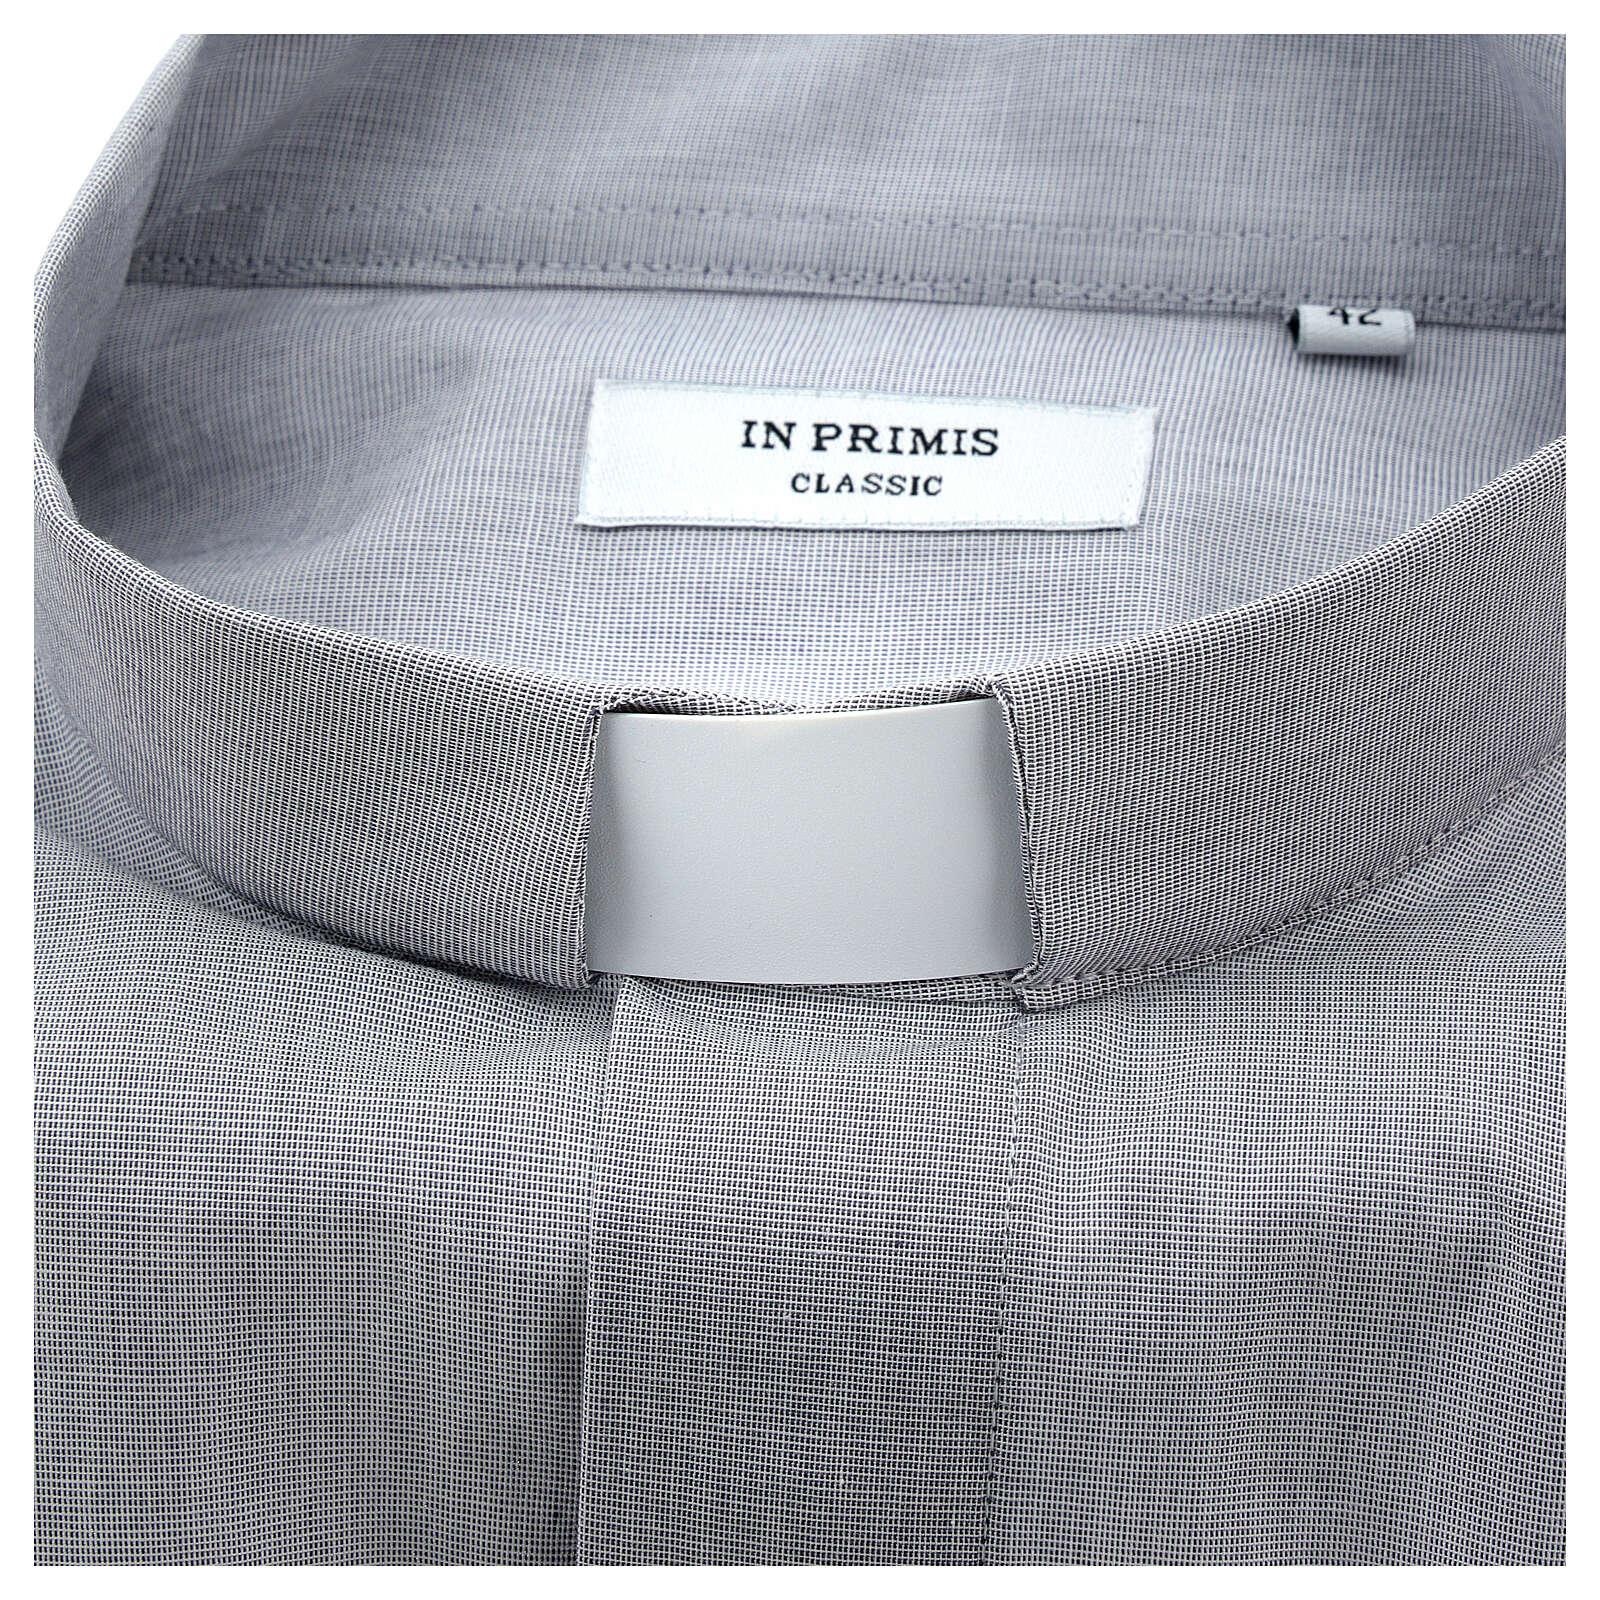 Collarino clergy ecclesiastico per camicie e polo 3 cm 4